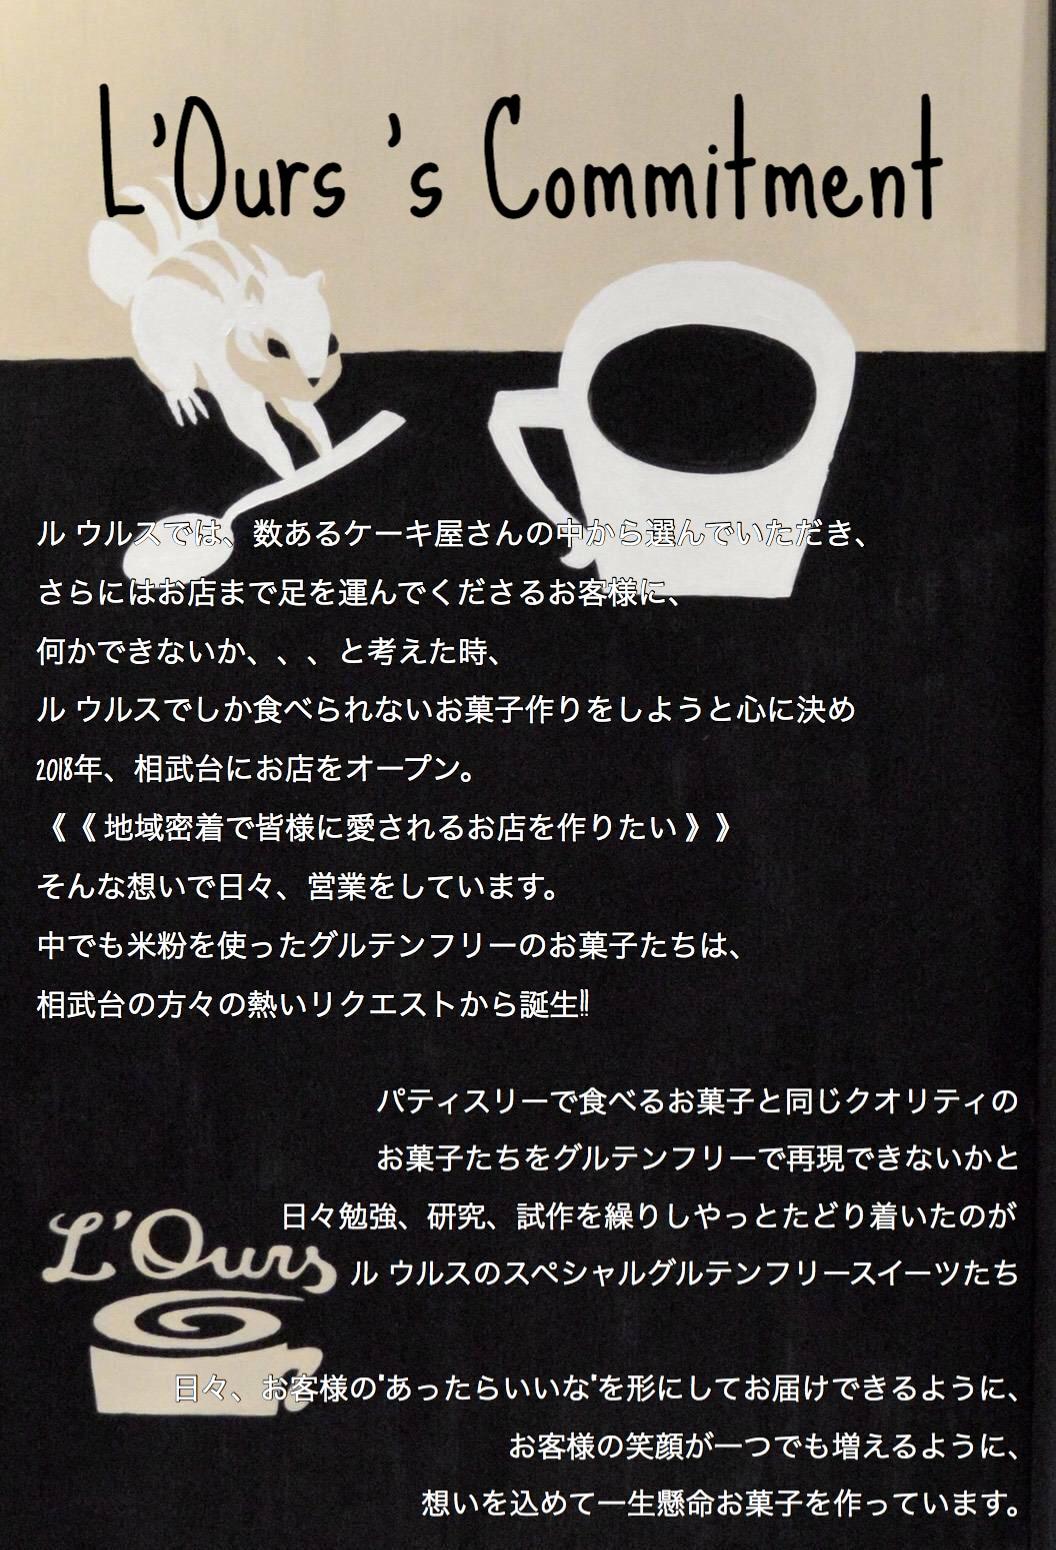 おいしいコーヒーと米粉のお菓子〜 カフェとスイーツ L'Ours